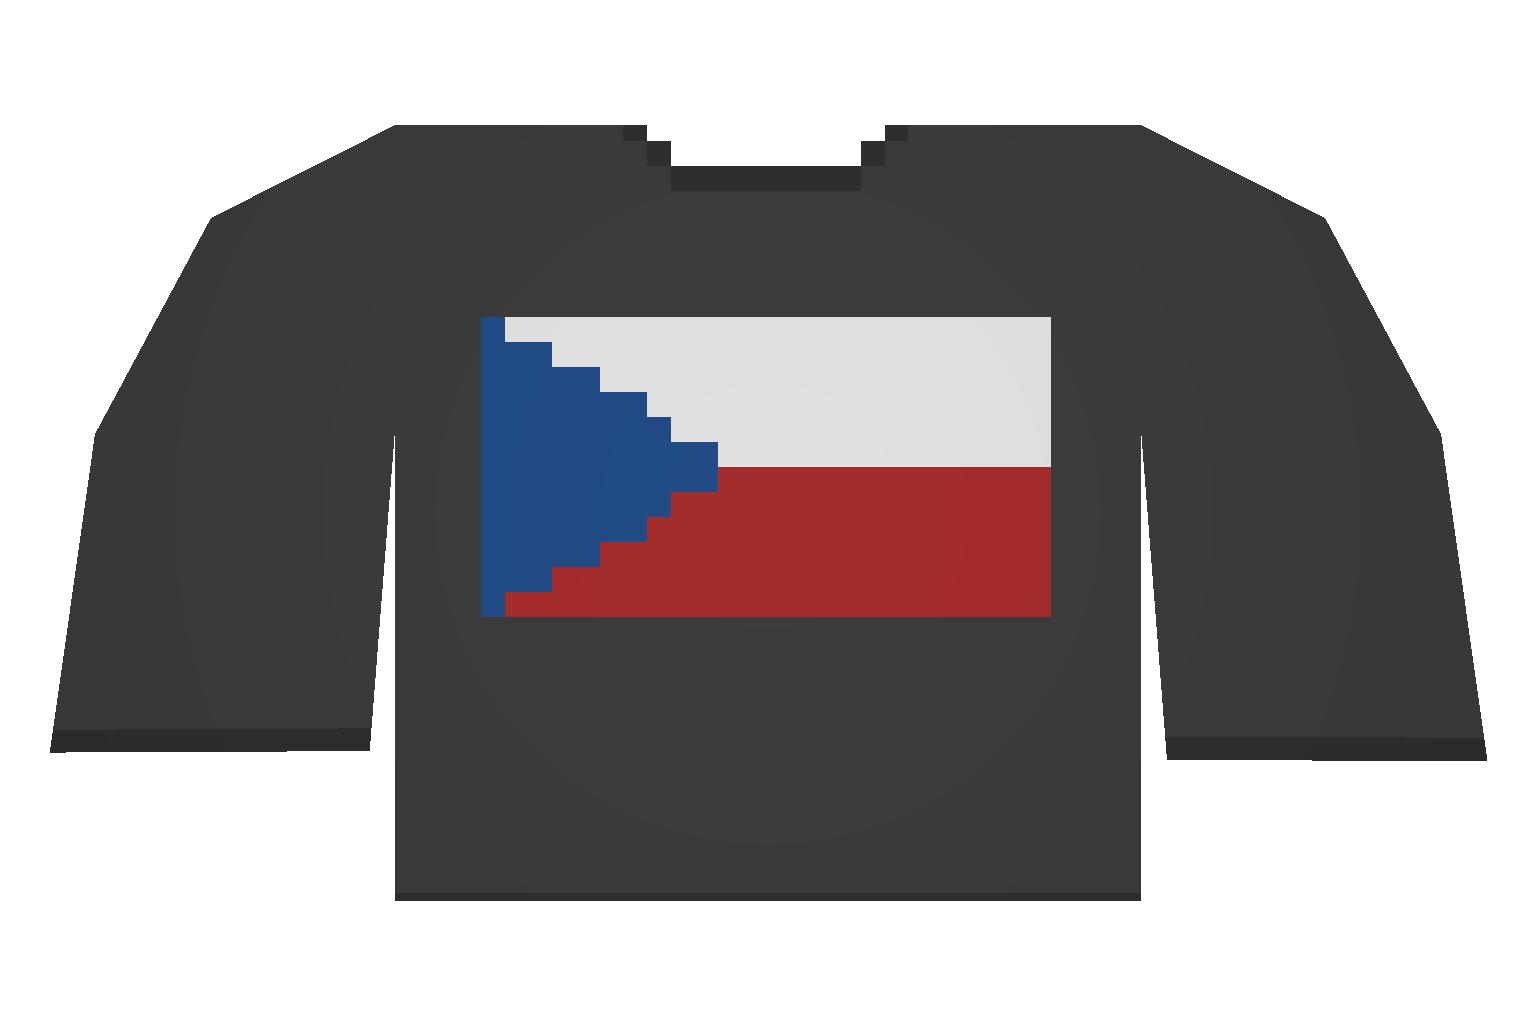 Czech Jersey Unturned Bunker Wiki